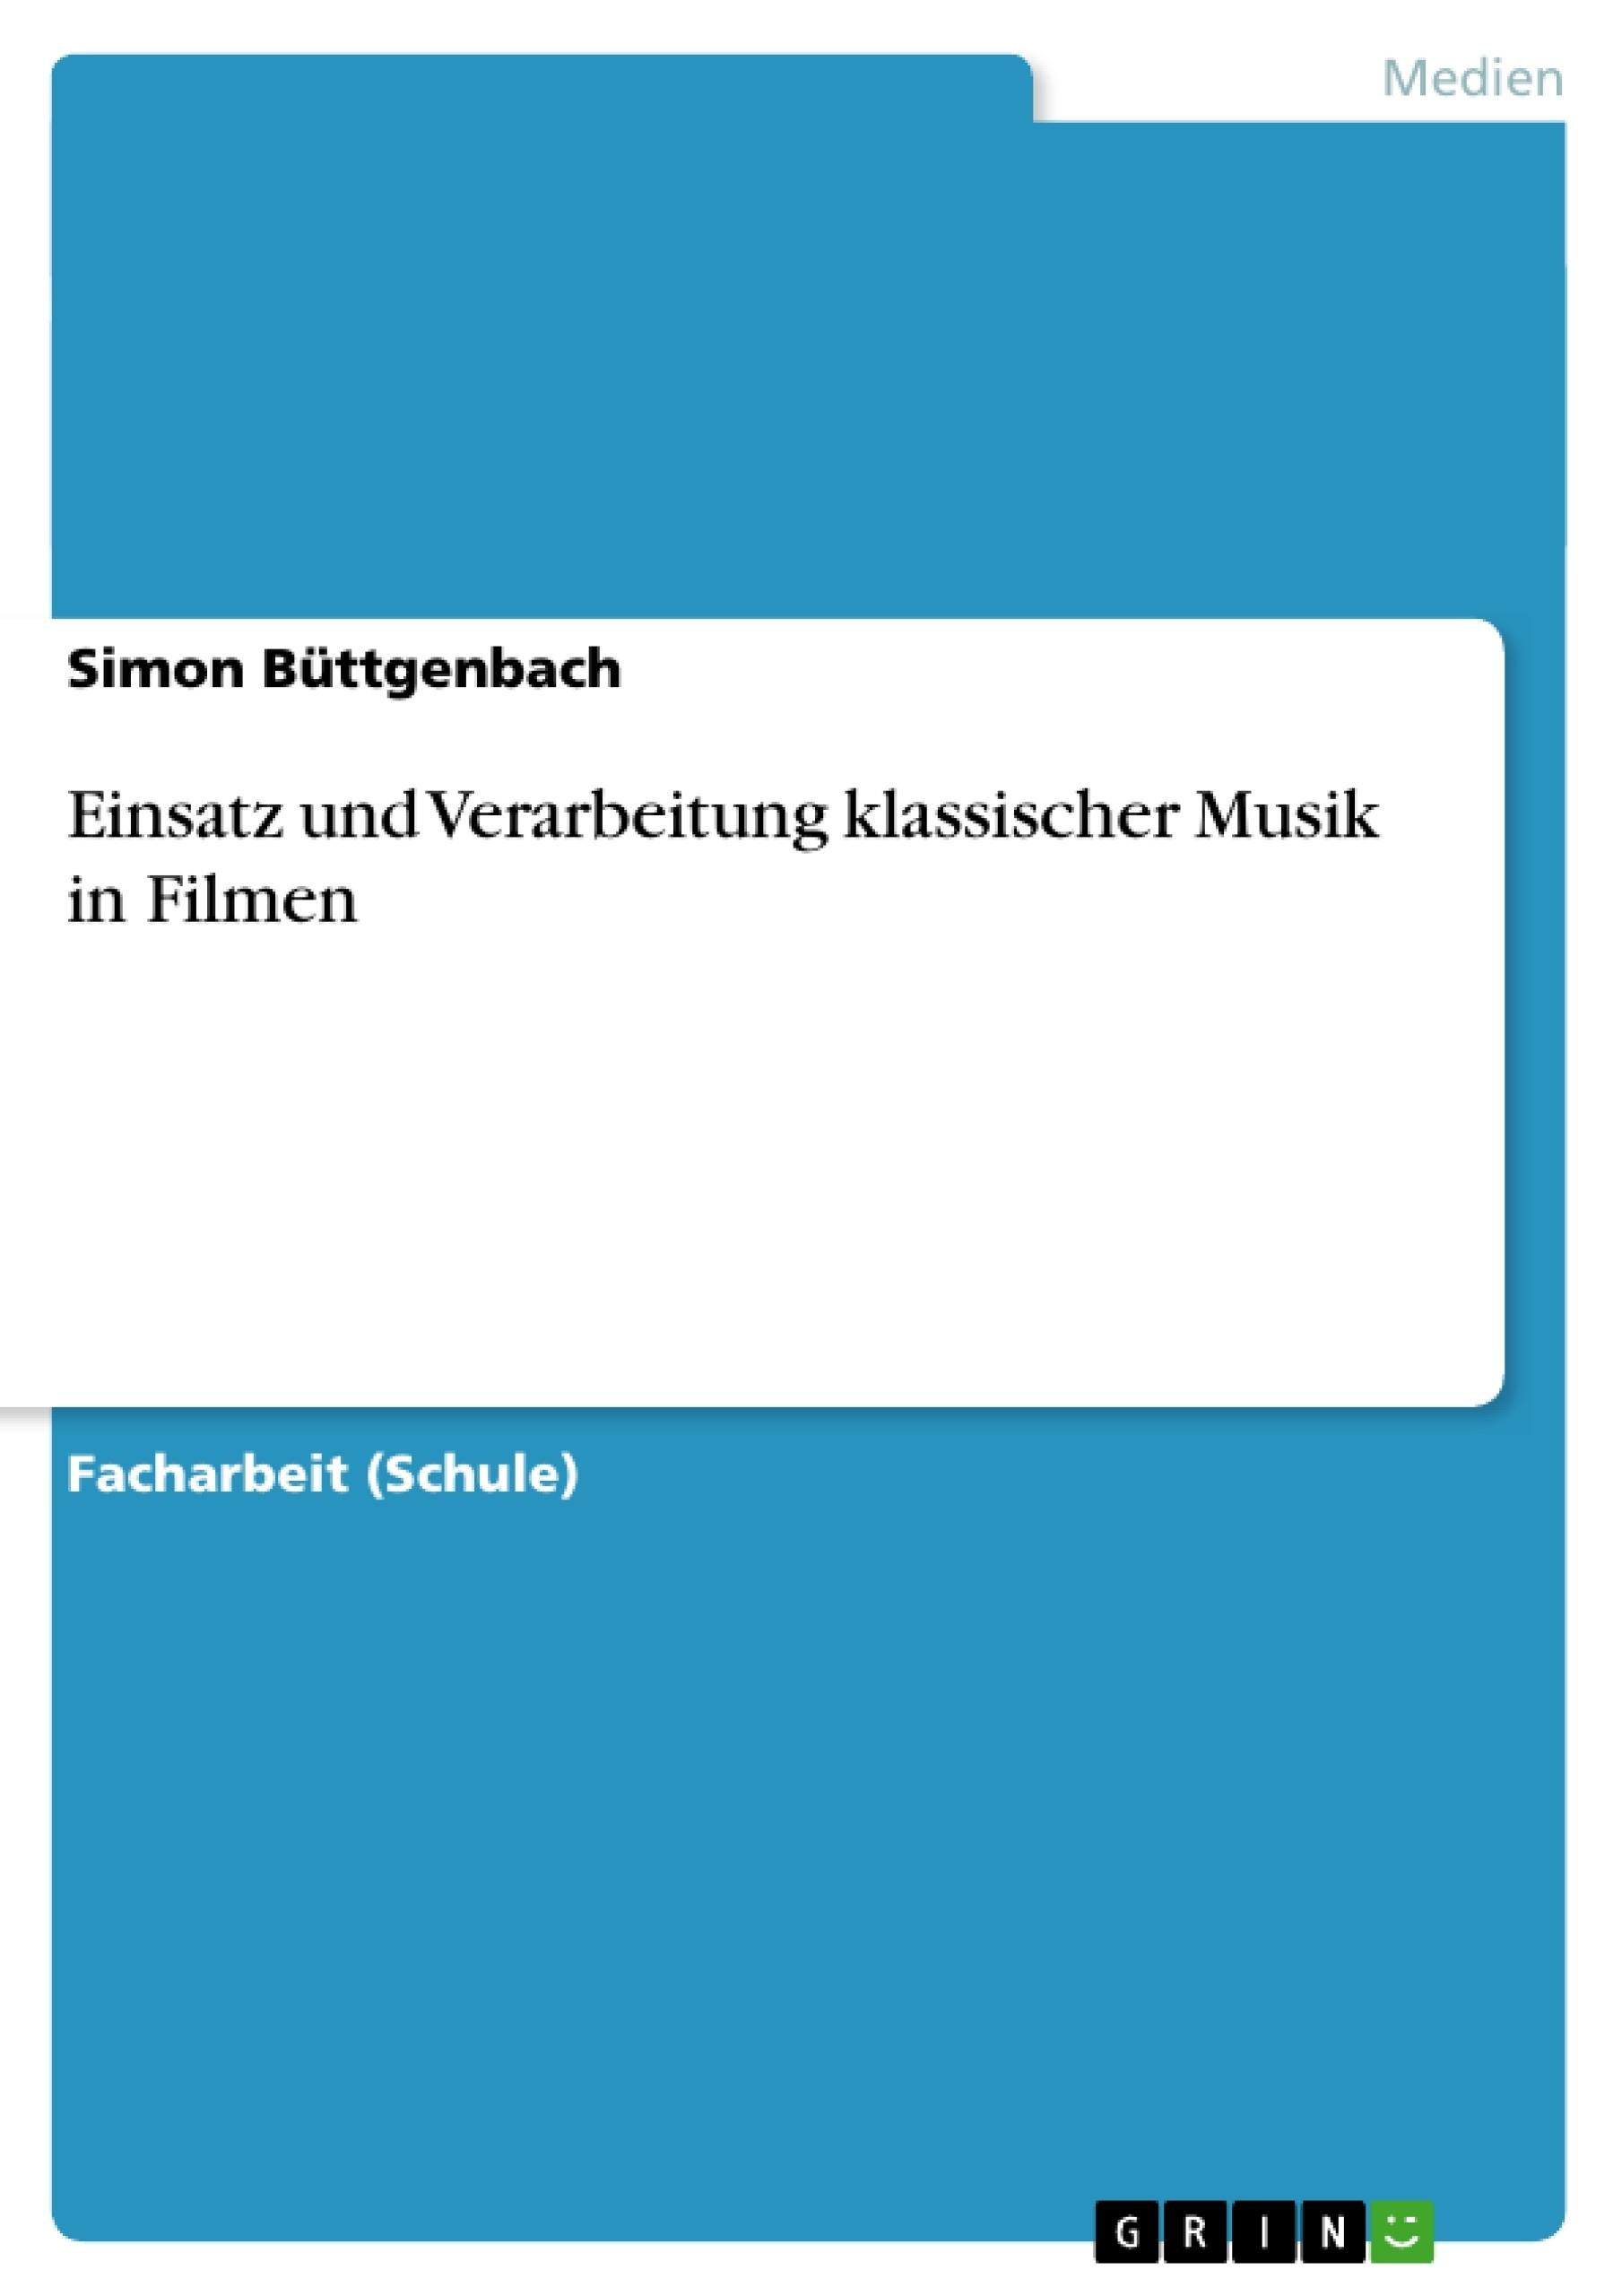 Titel: Einsatz und Verarbeitung klassischer Musik in Filmen